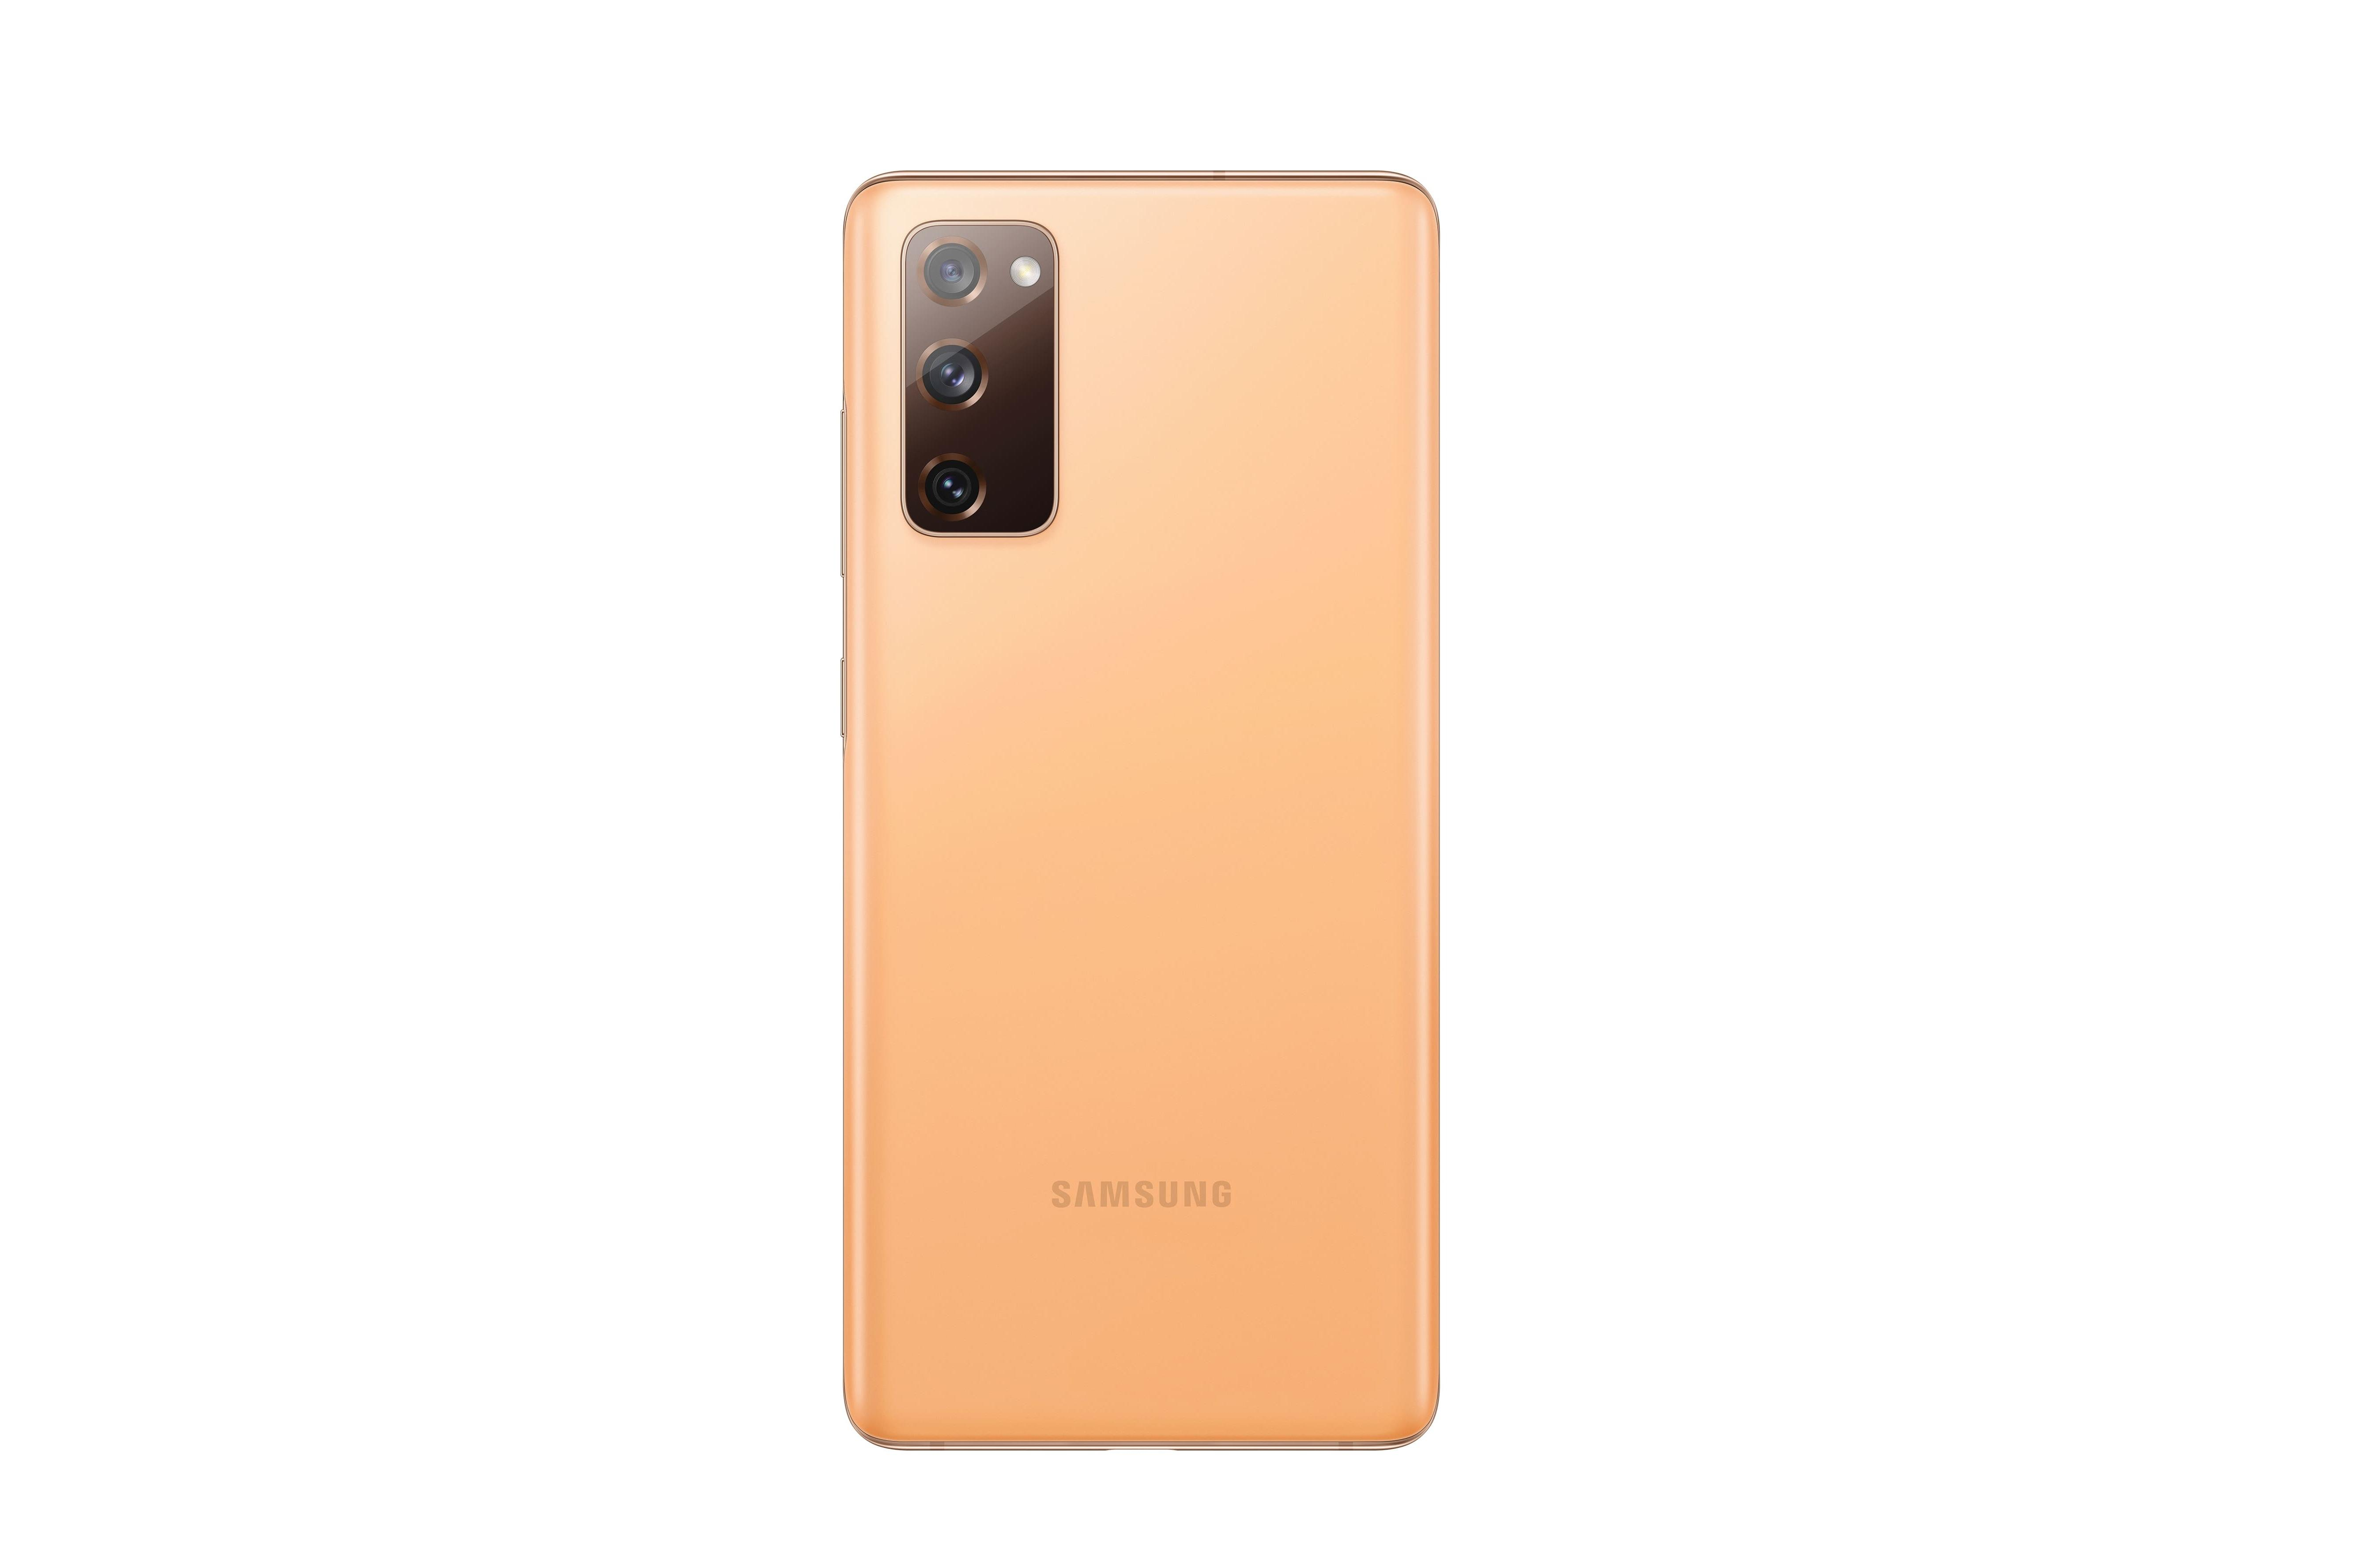 Samsung Galaxys 20FE